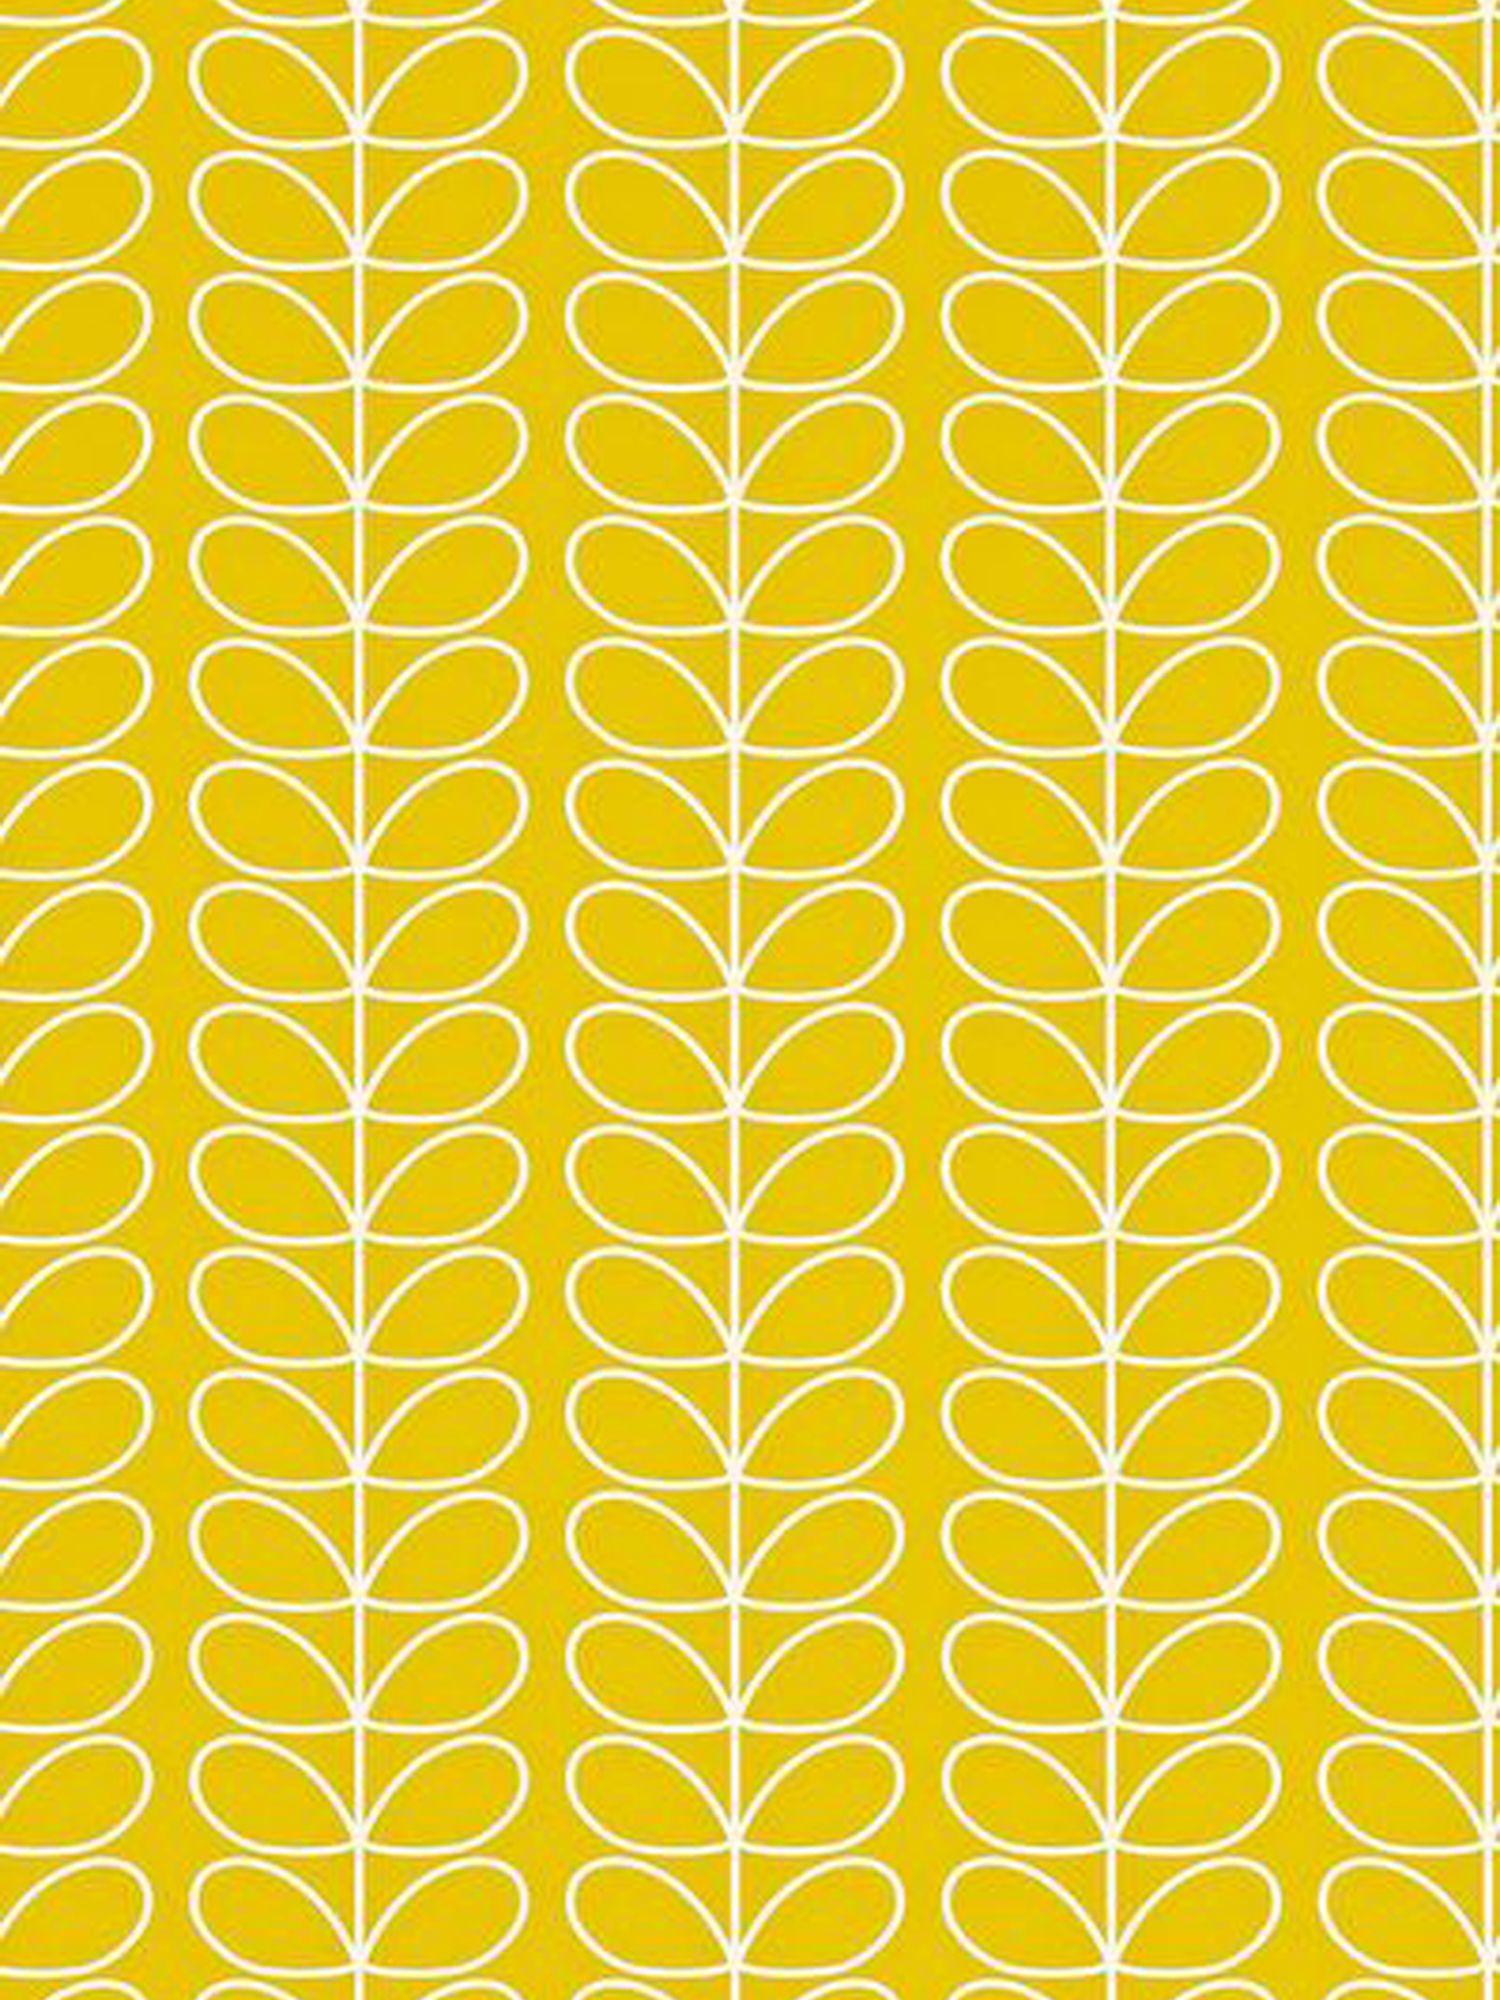 Orla Kiely House for Harlequin Orla Kiely House for Harlequin Linear Stem Wallpaper